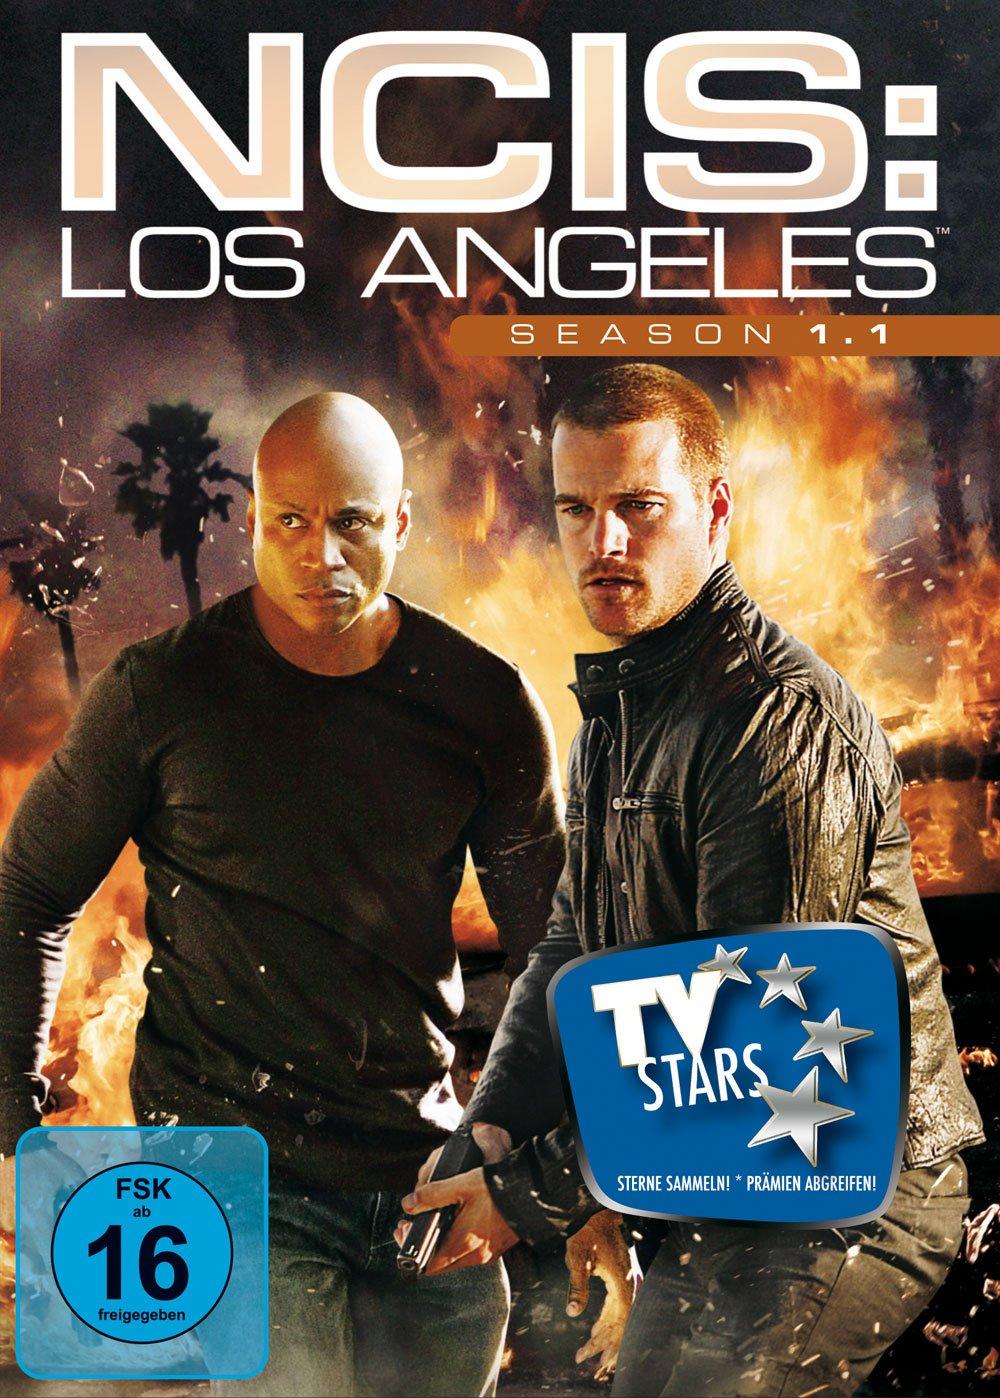 NCIS: Los Angeles - Season 1.1 und 1.2 für 7,97 €